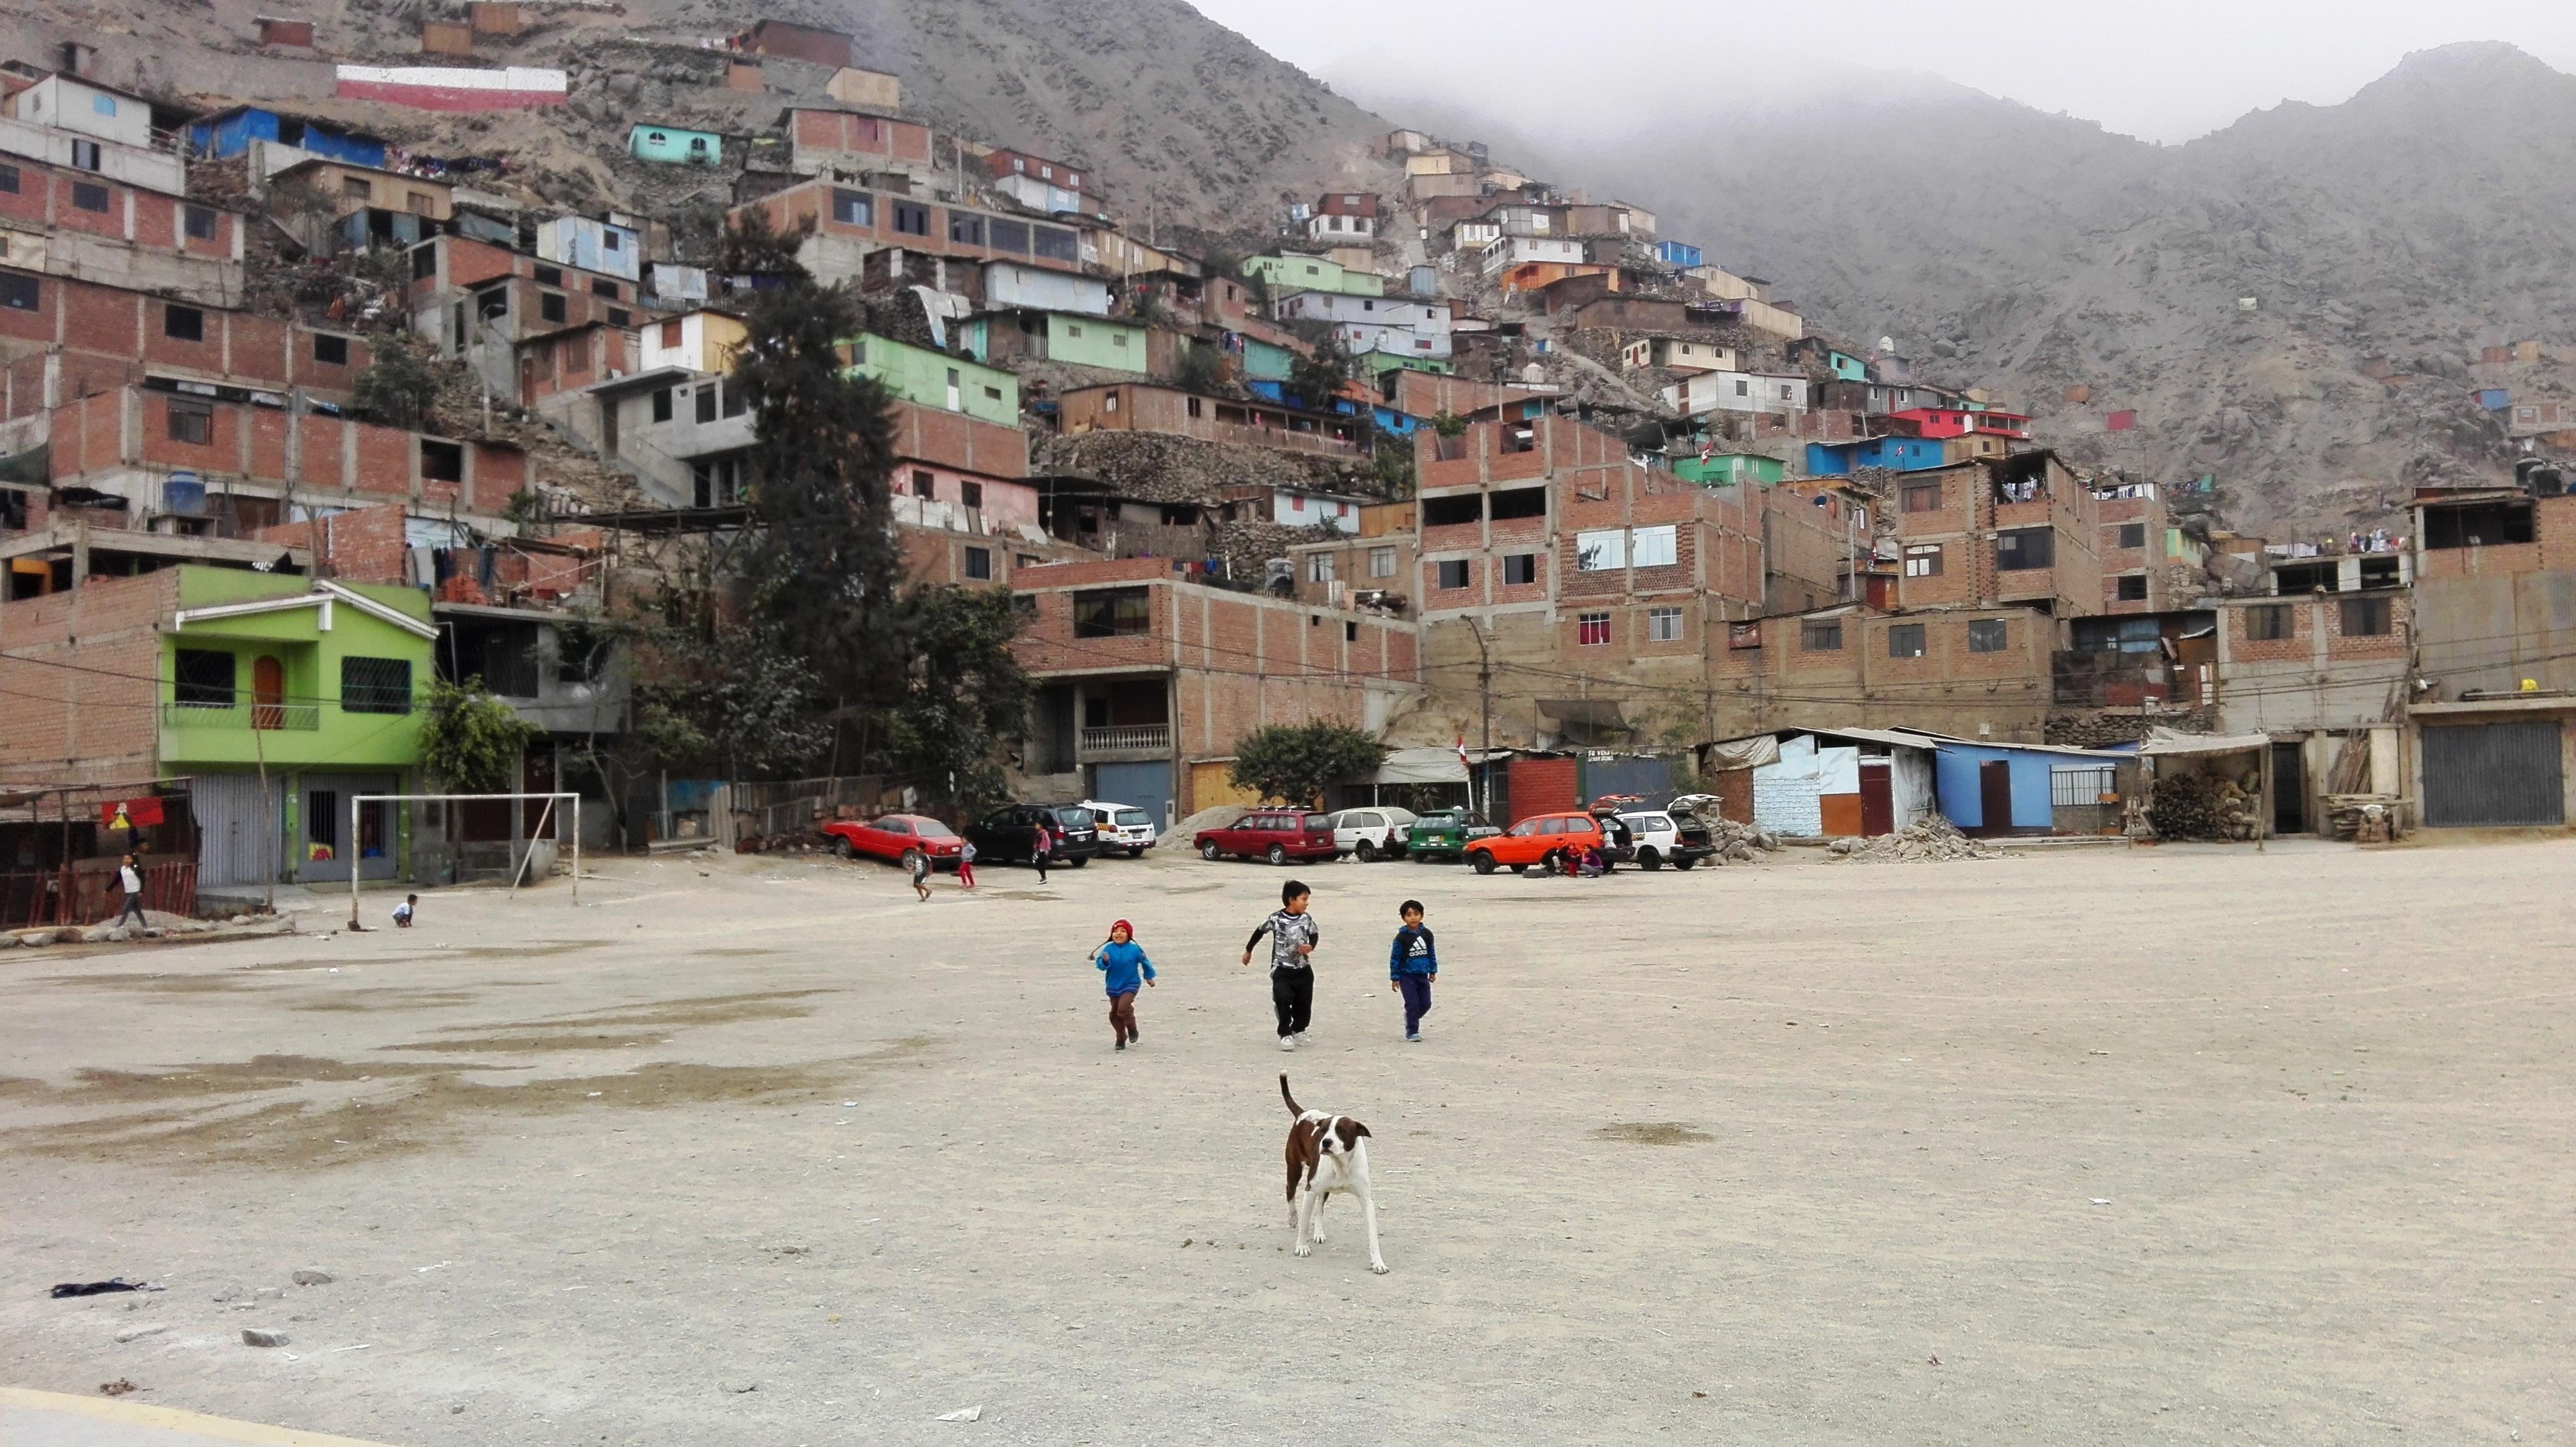 31_07_17_Peru._Juv_vasc_Coop__1_.jpg